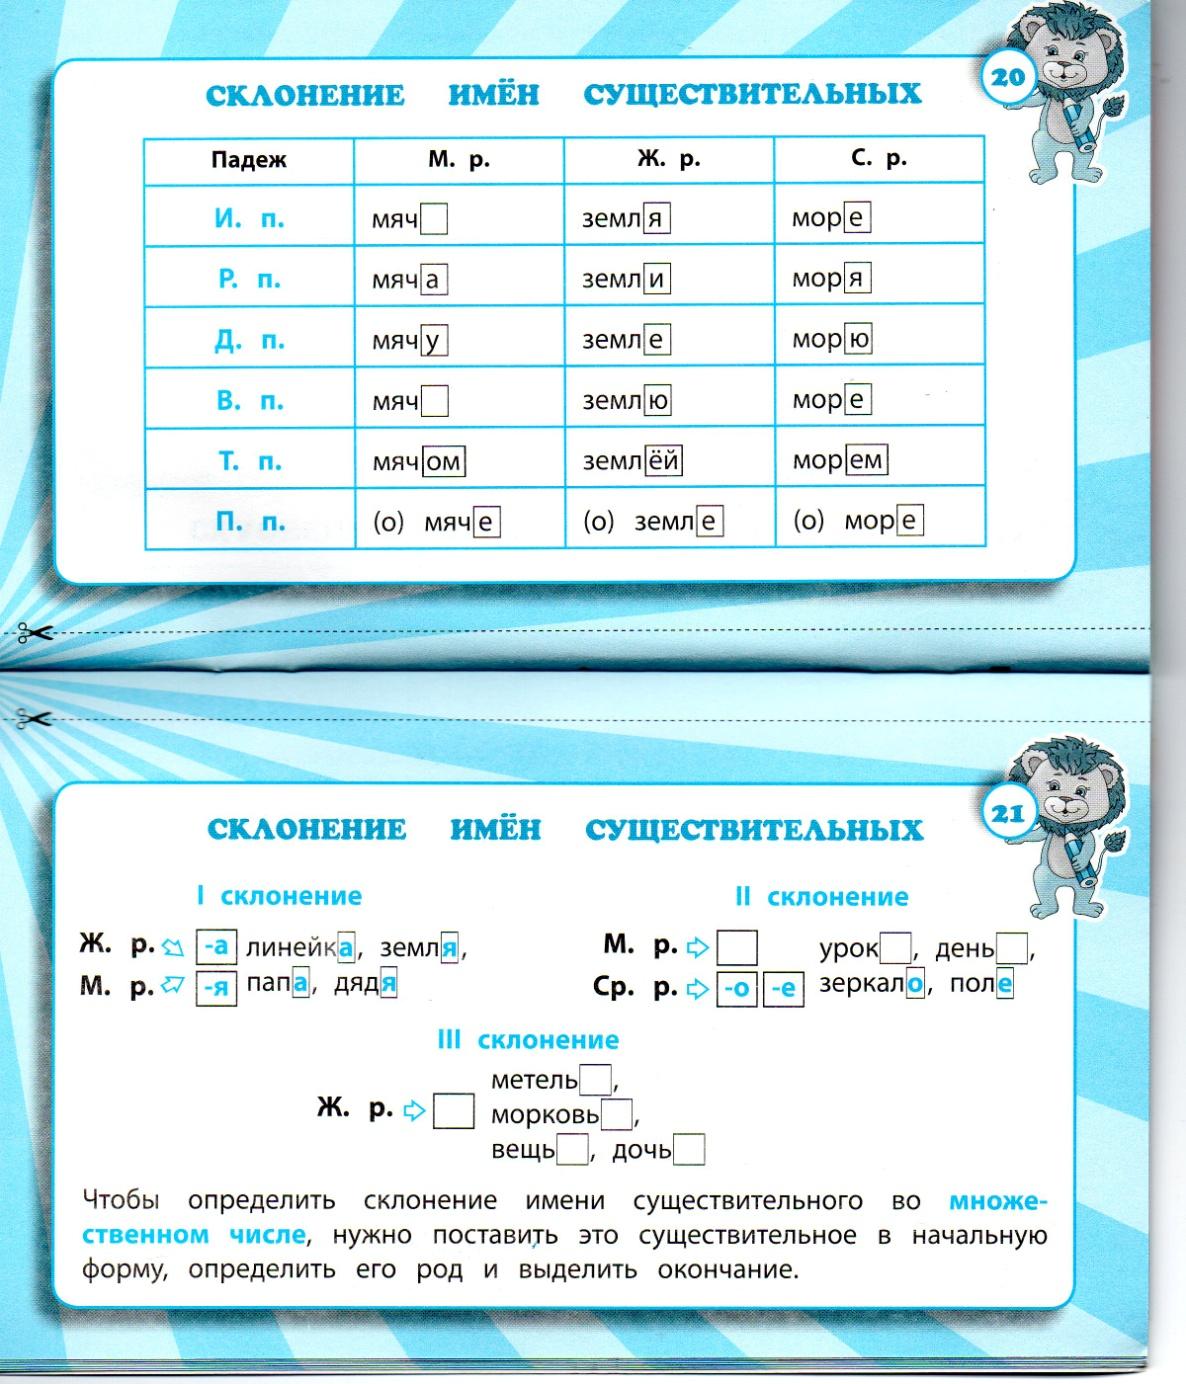 Схема склонений имен существительных